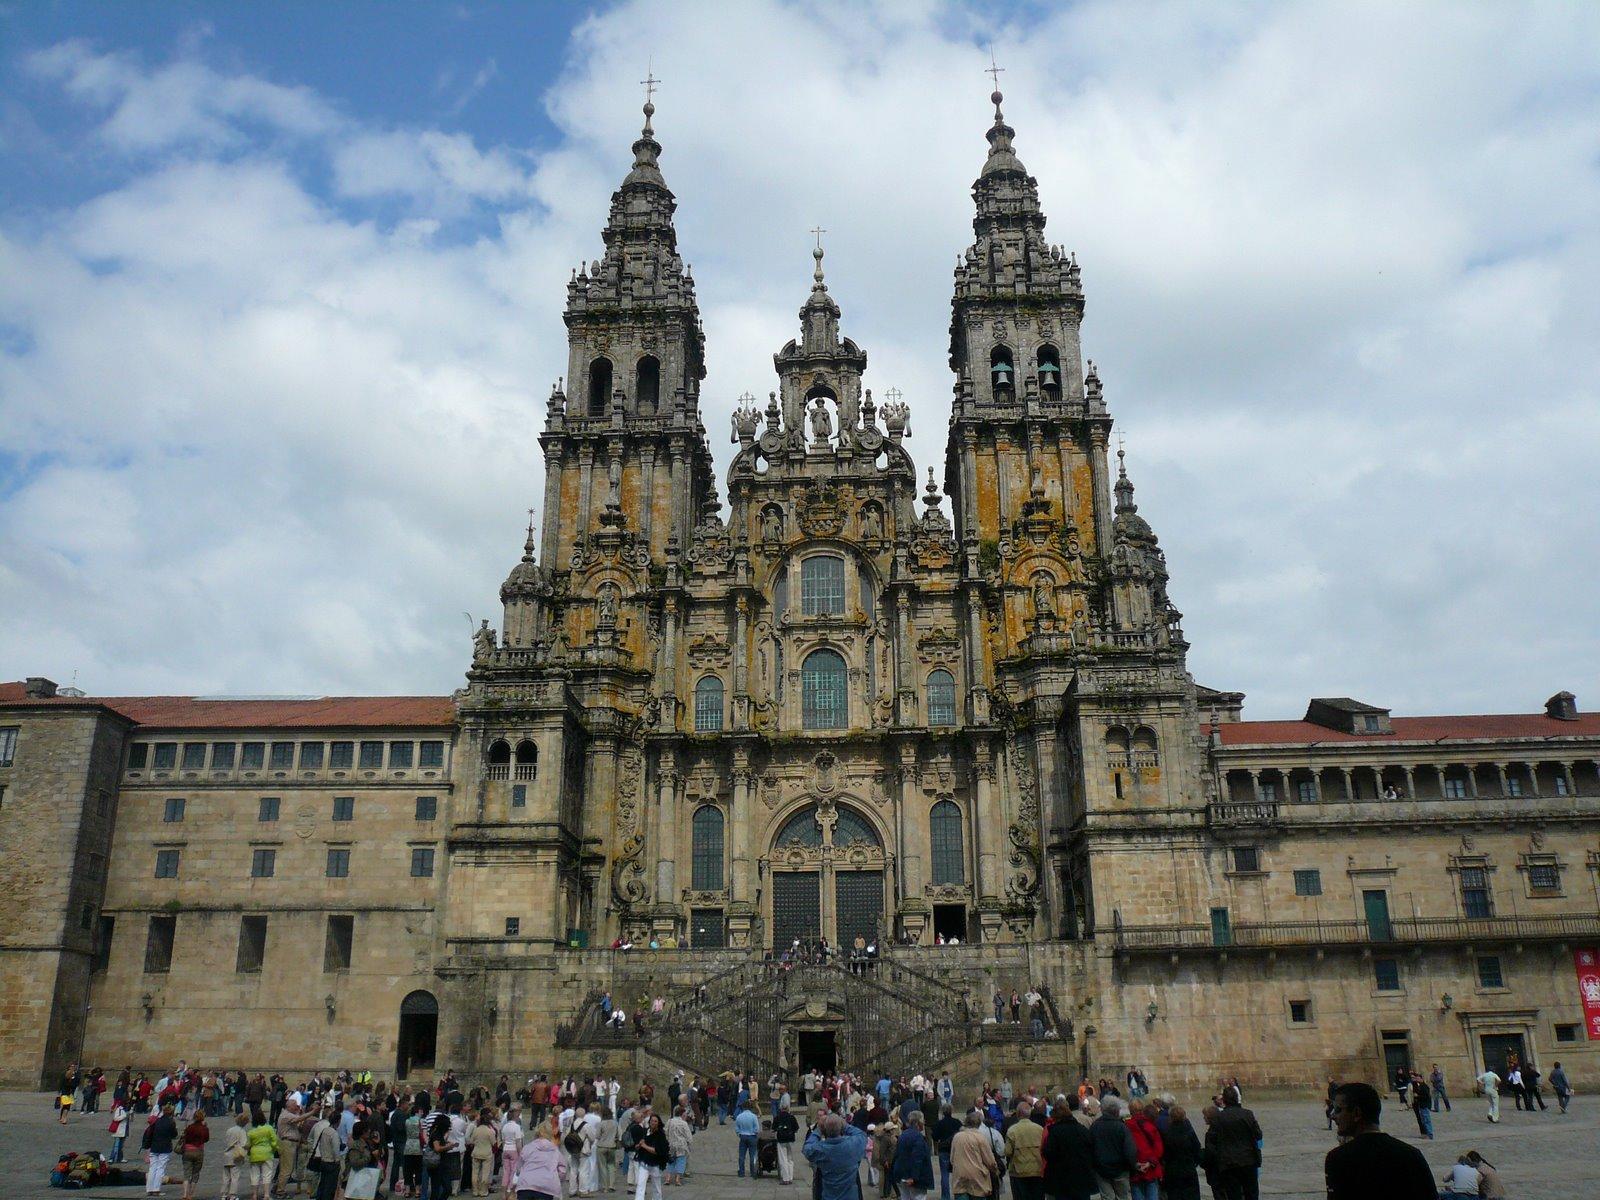 туры по португалии сантьяго де компостела нежелательным средствам